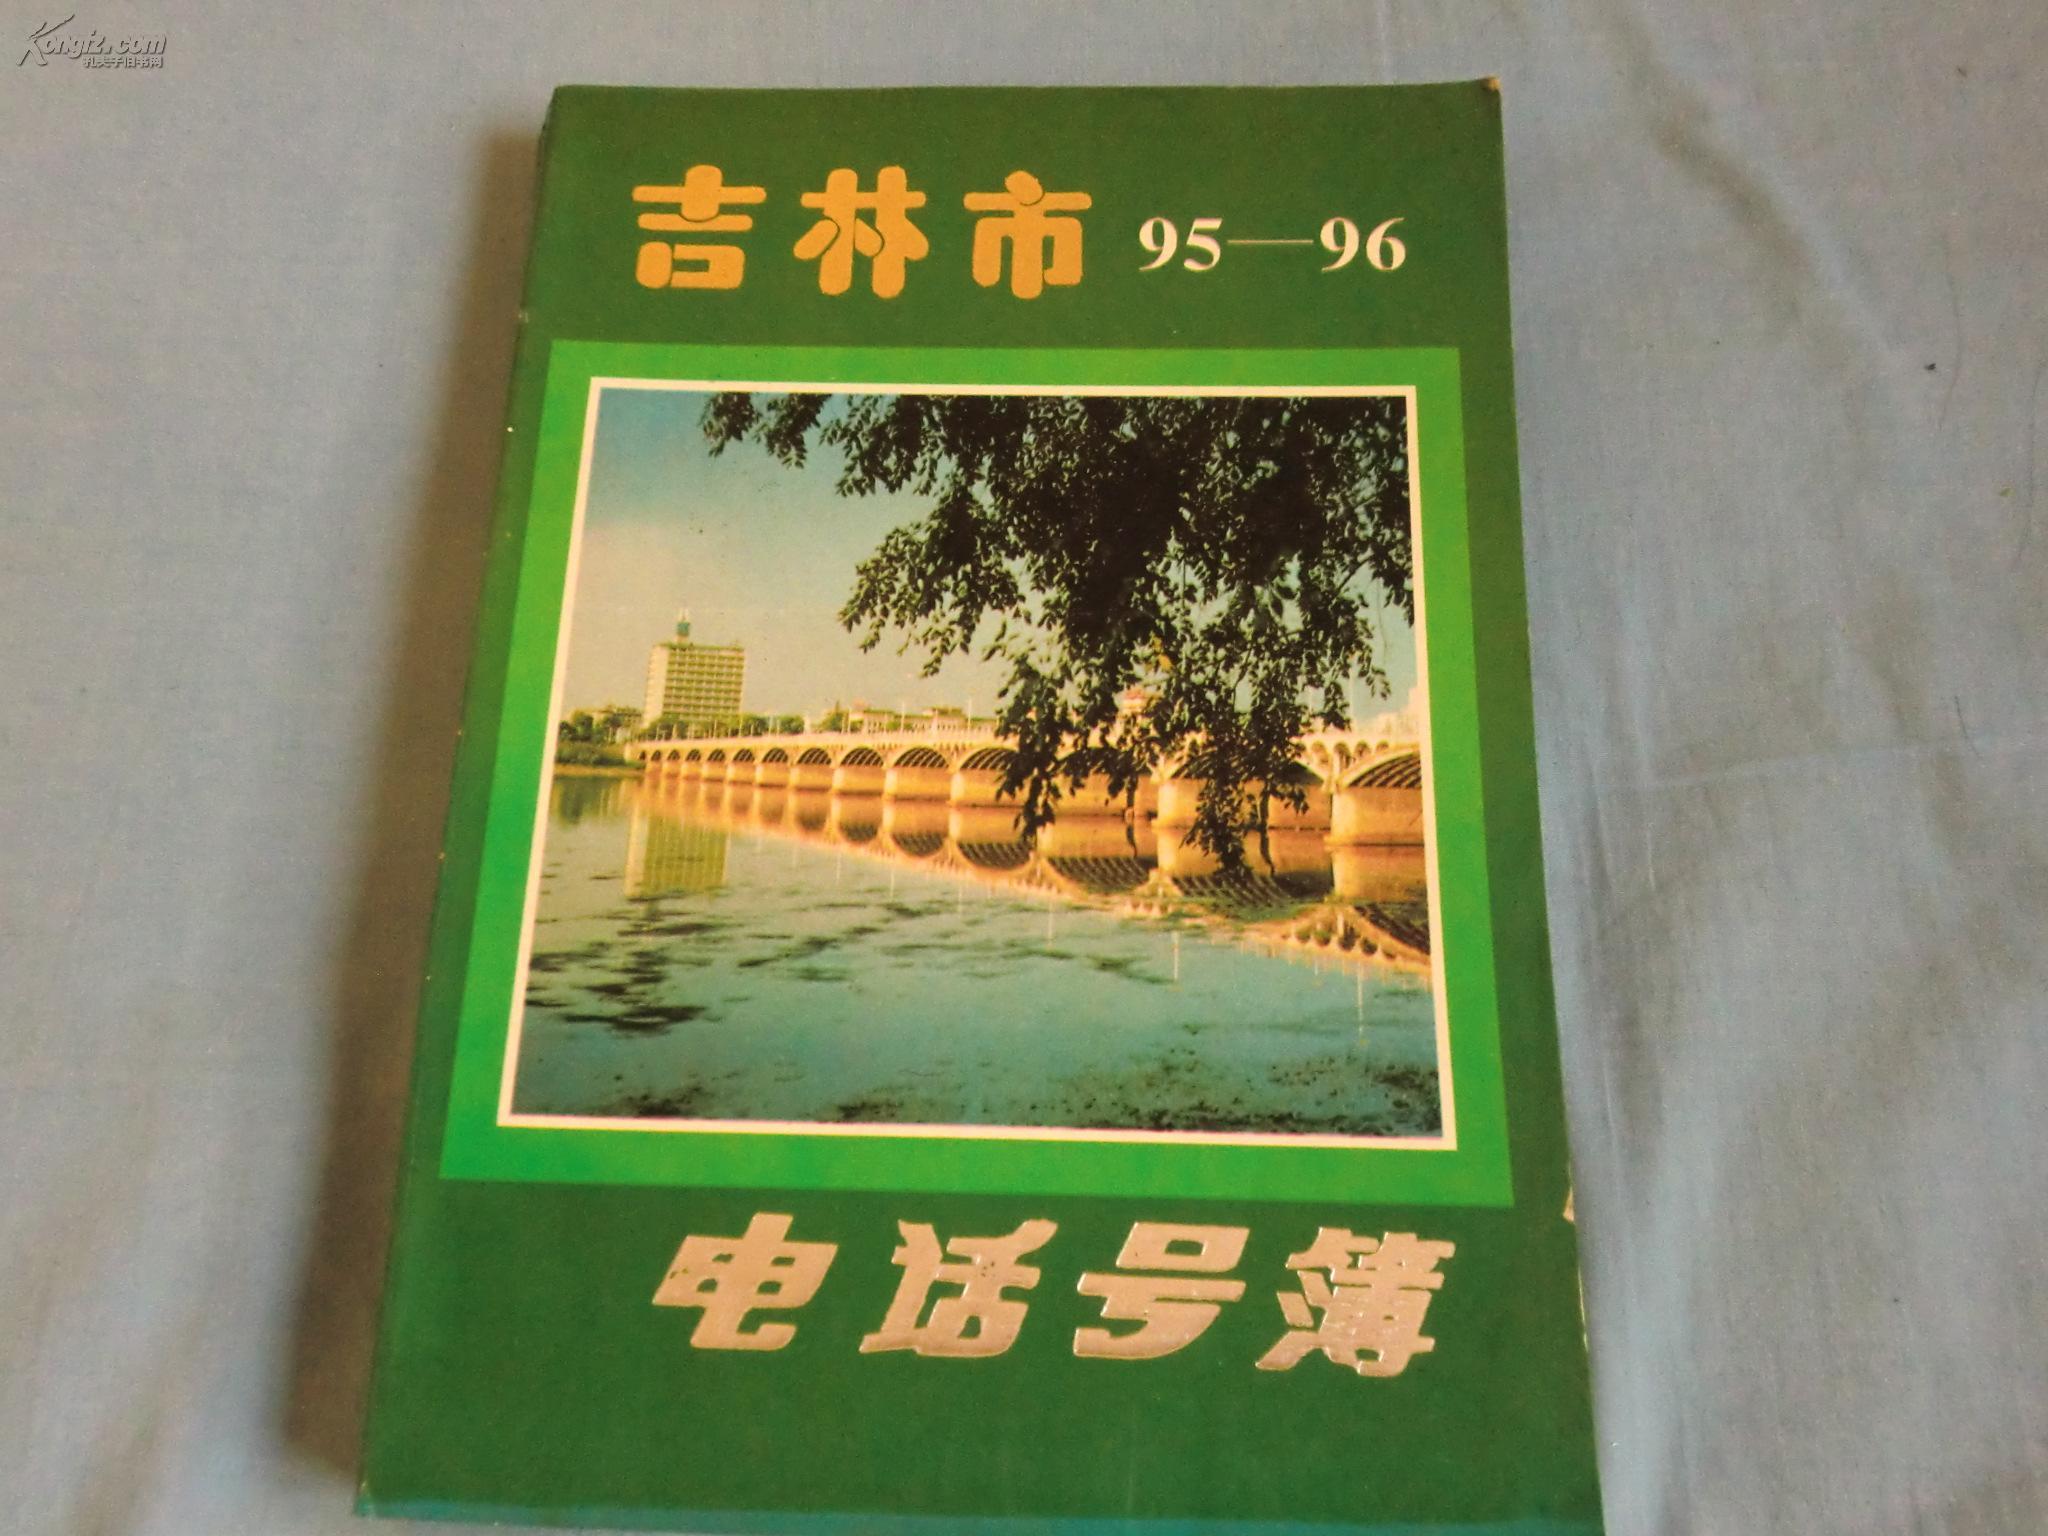 图片 吉林市电话号码簿(1995年--1996年)